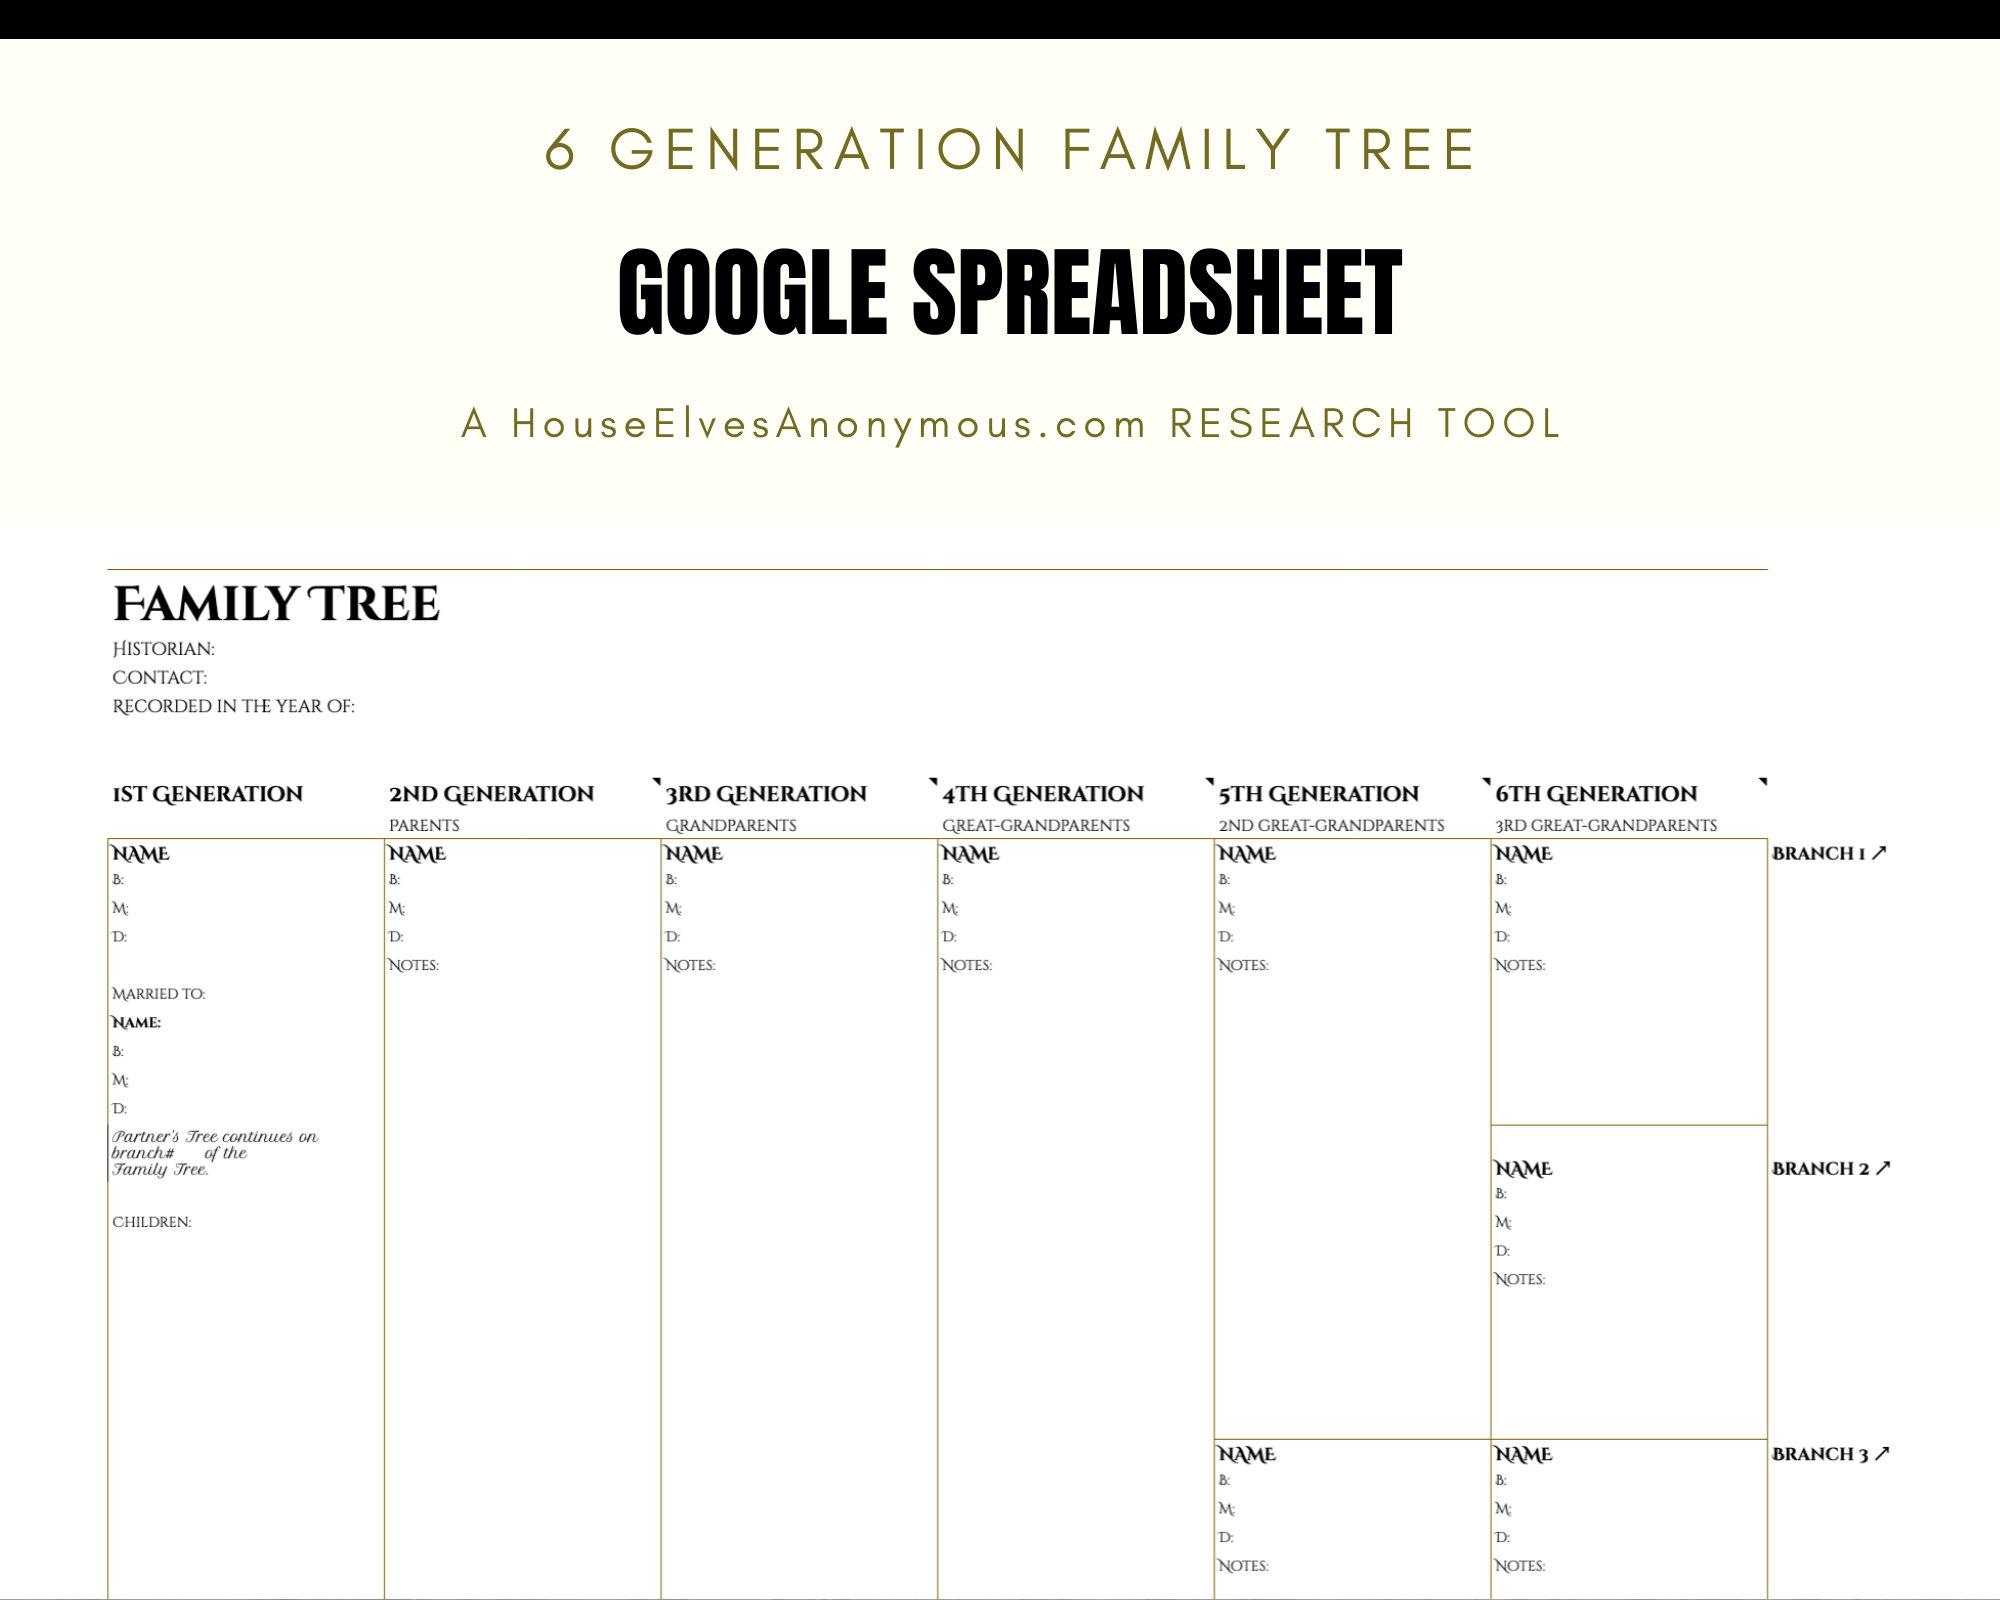 6 Generation Family Tree Spreadsheet